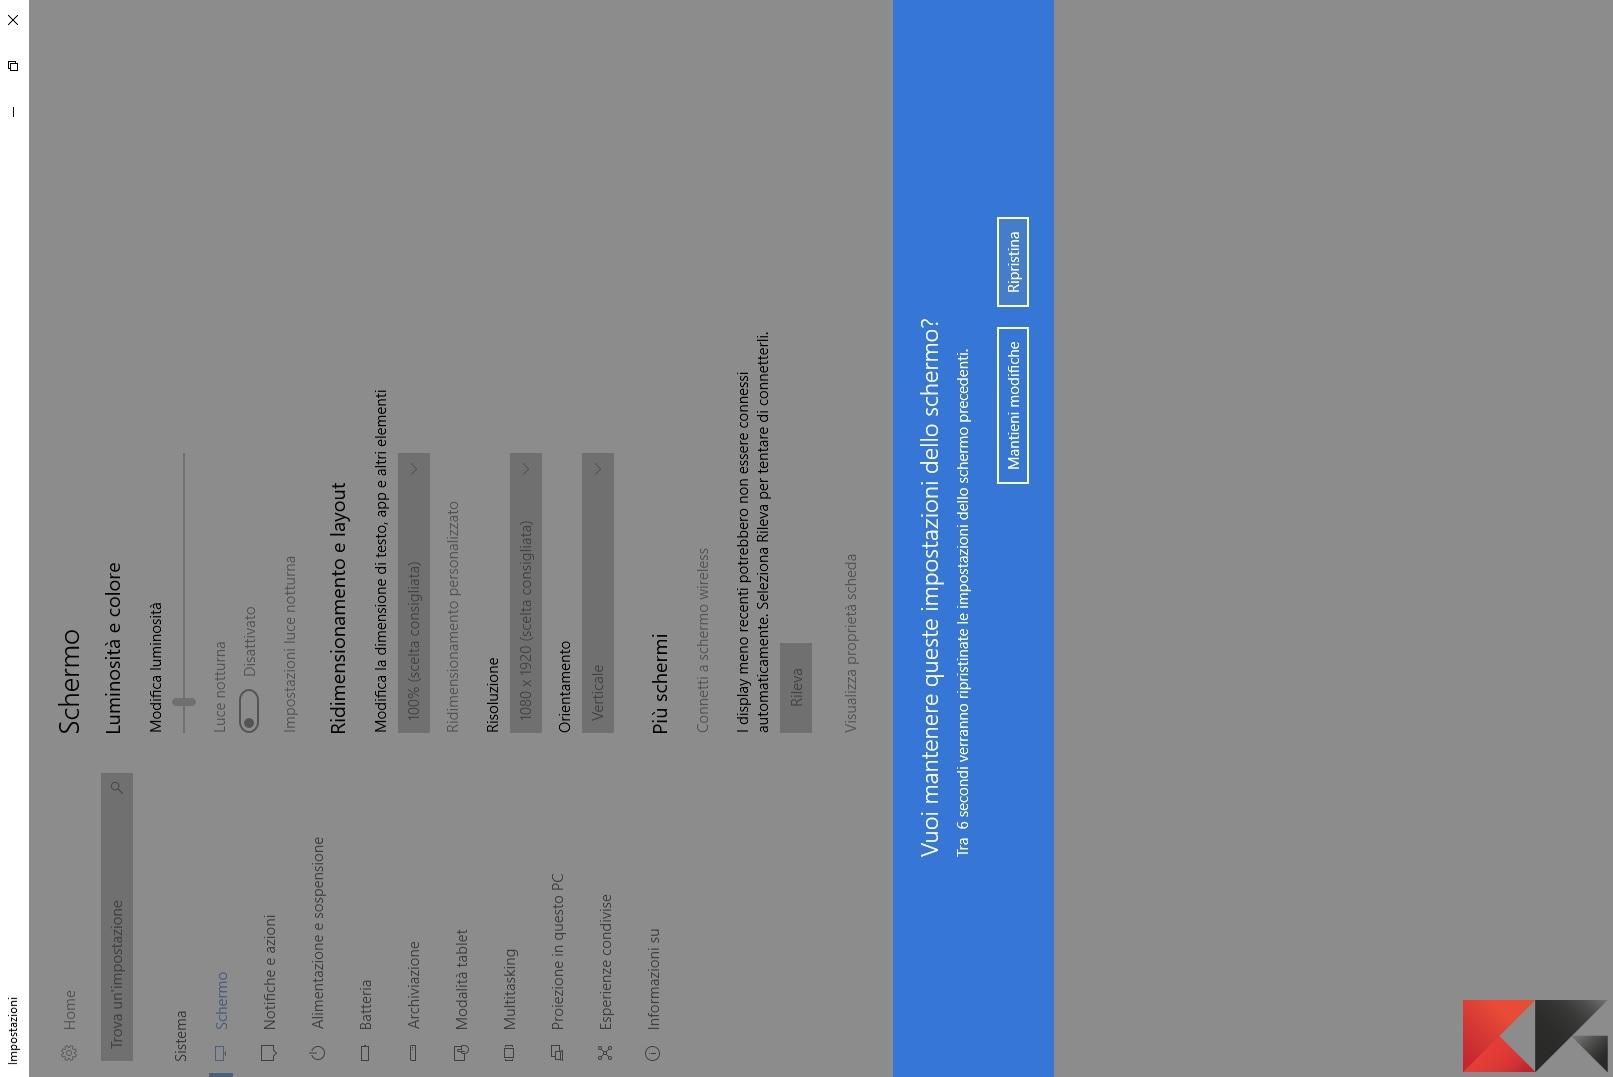 Ruotare schermo in Windows 10